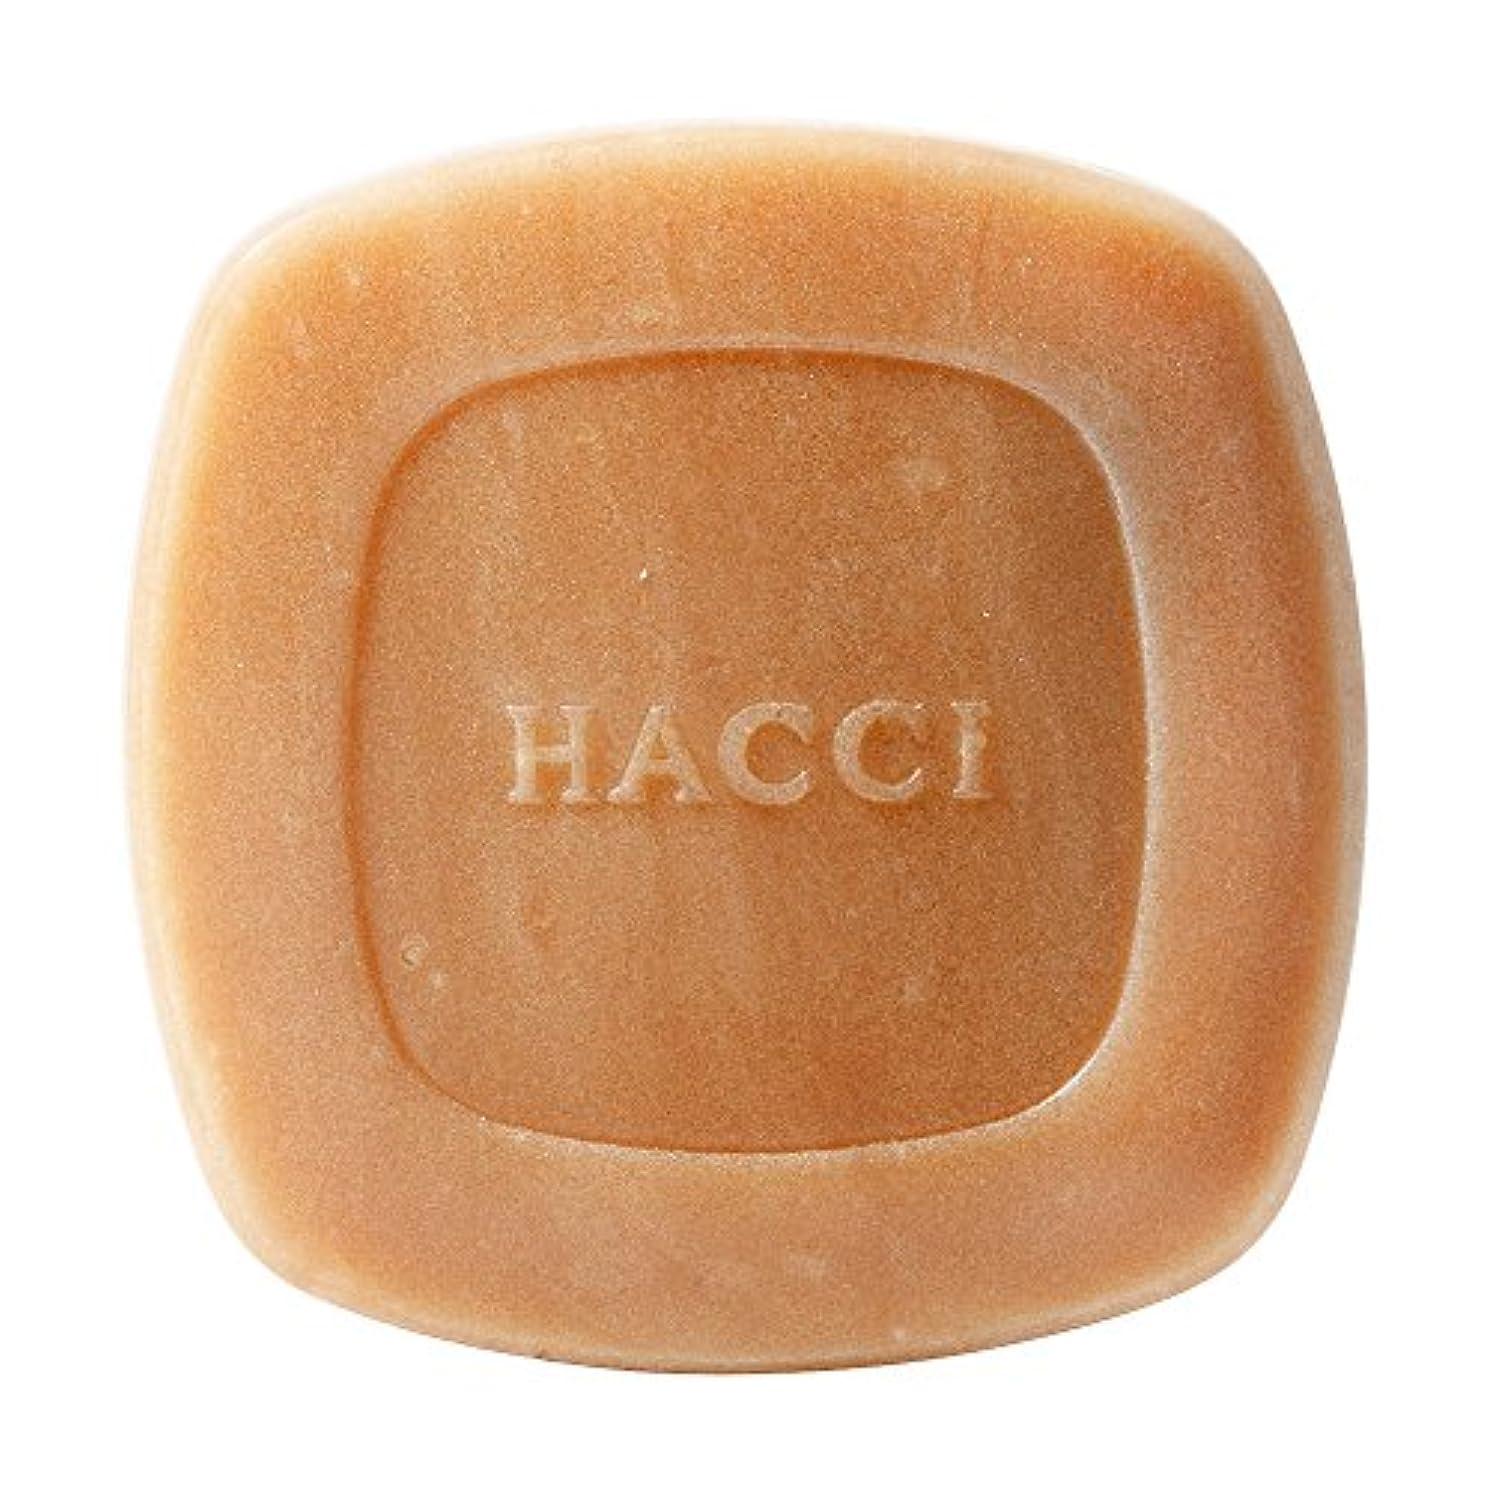 有効タクト難破船HACCI 1912(ハッチ1912) はちみつ洗顔石けん 80g